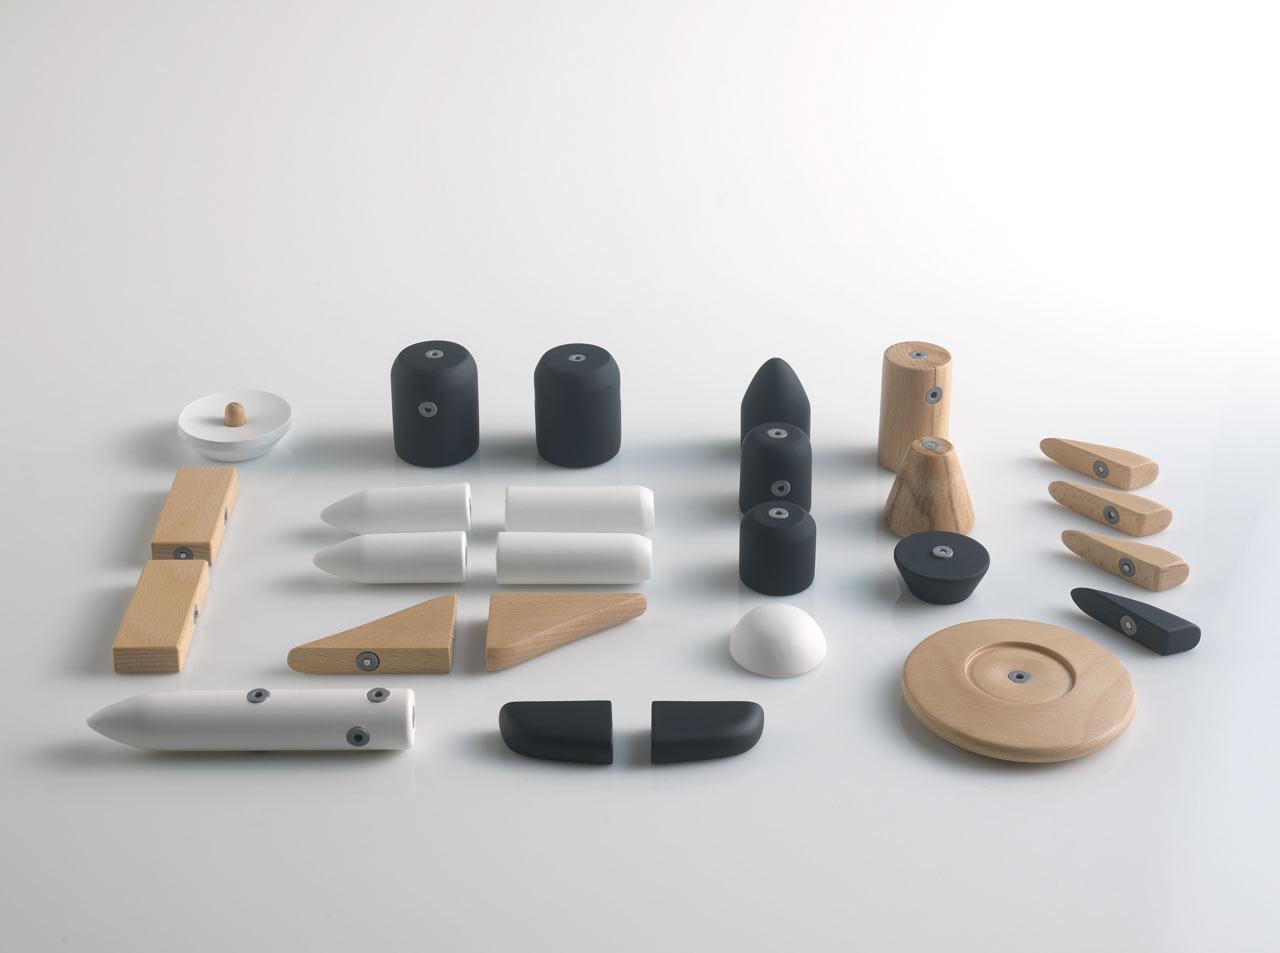 Huzi-Cosmos-Toys-hisheji (3)